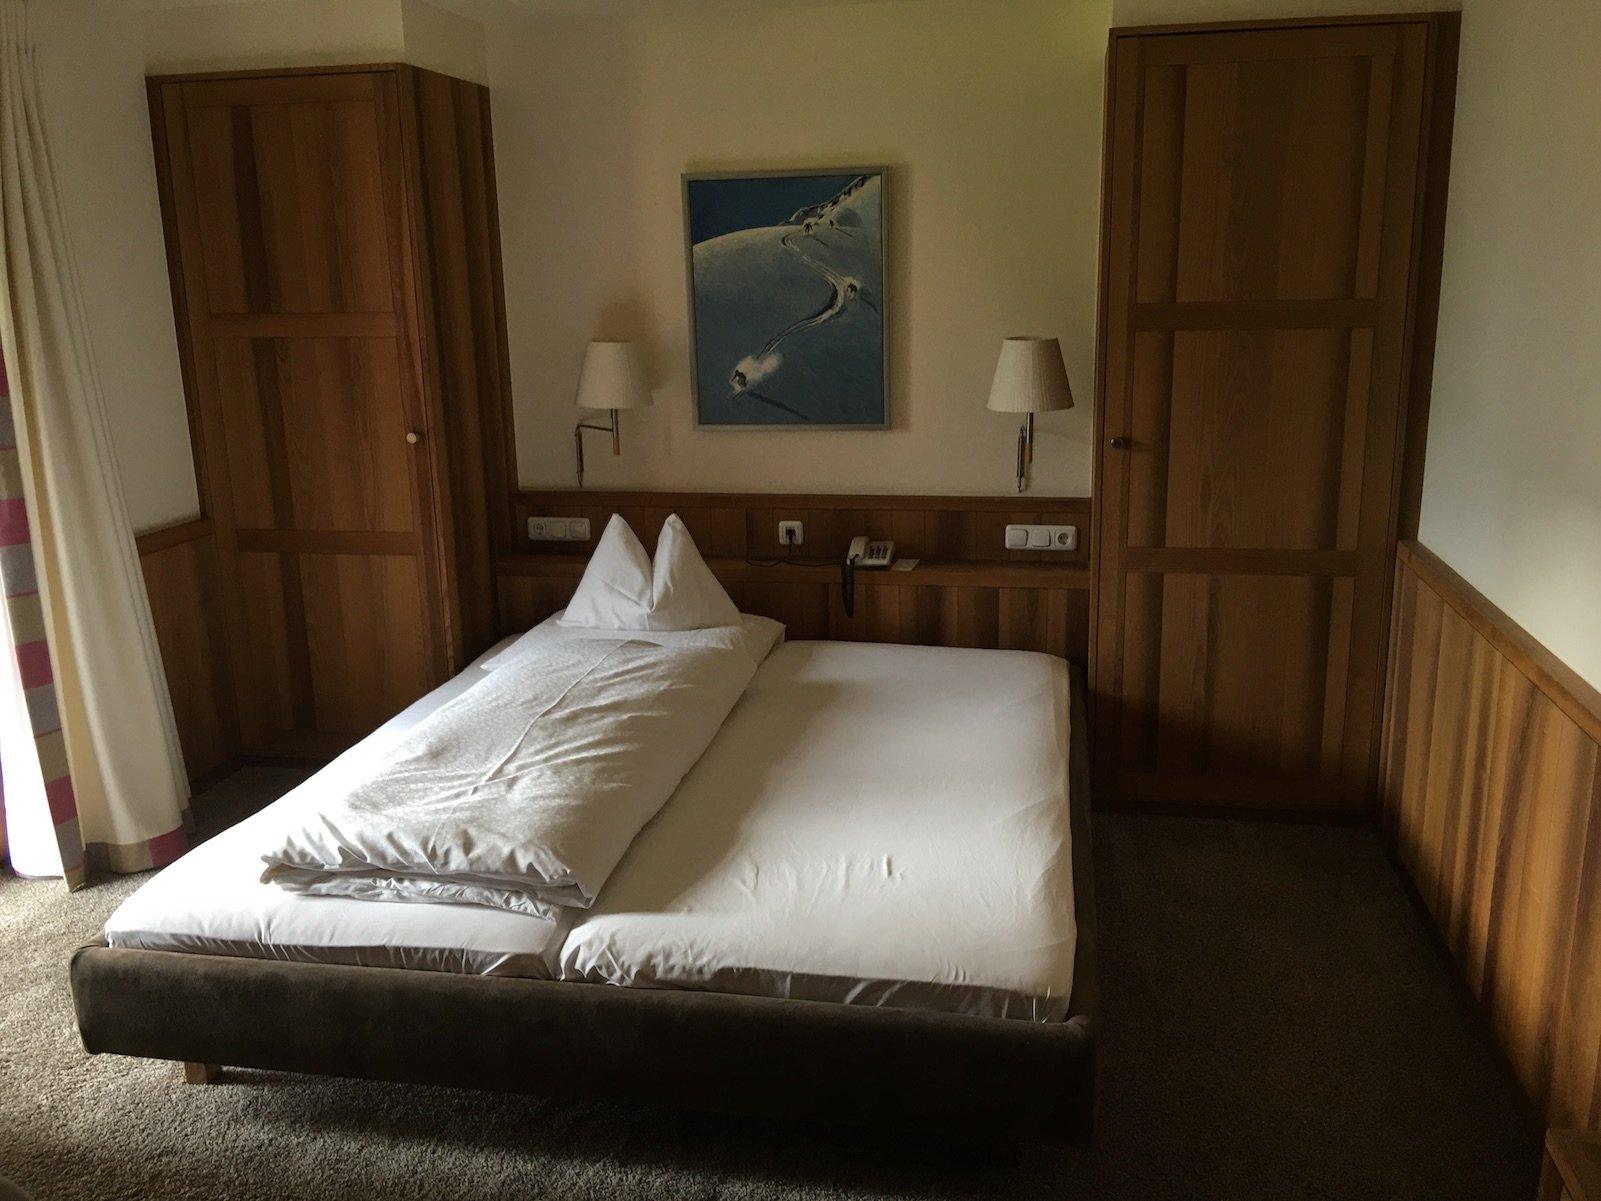 Mein Bett im Hotel Aurora in Lech - Du siehst, ich war damals alleine unterwegs ;)